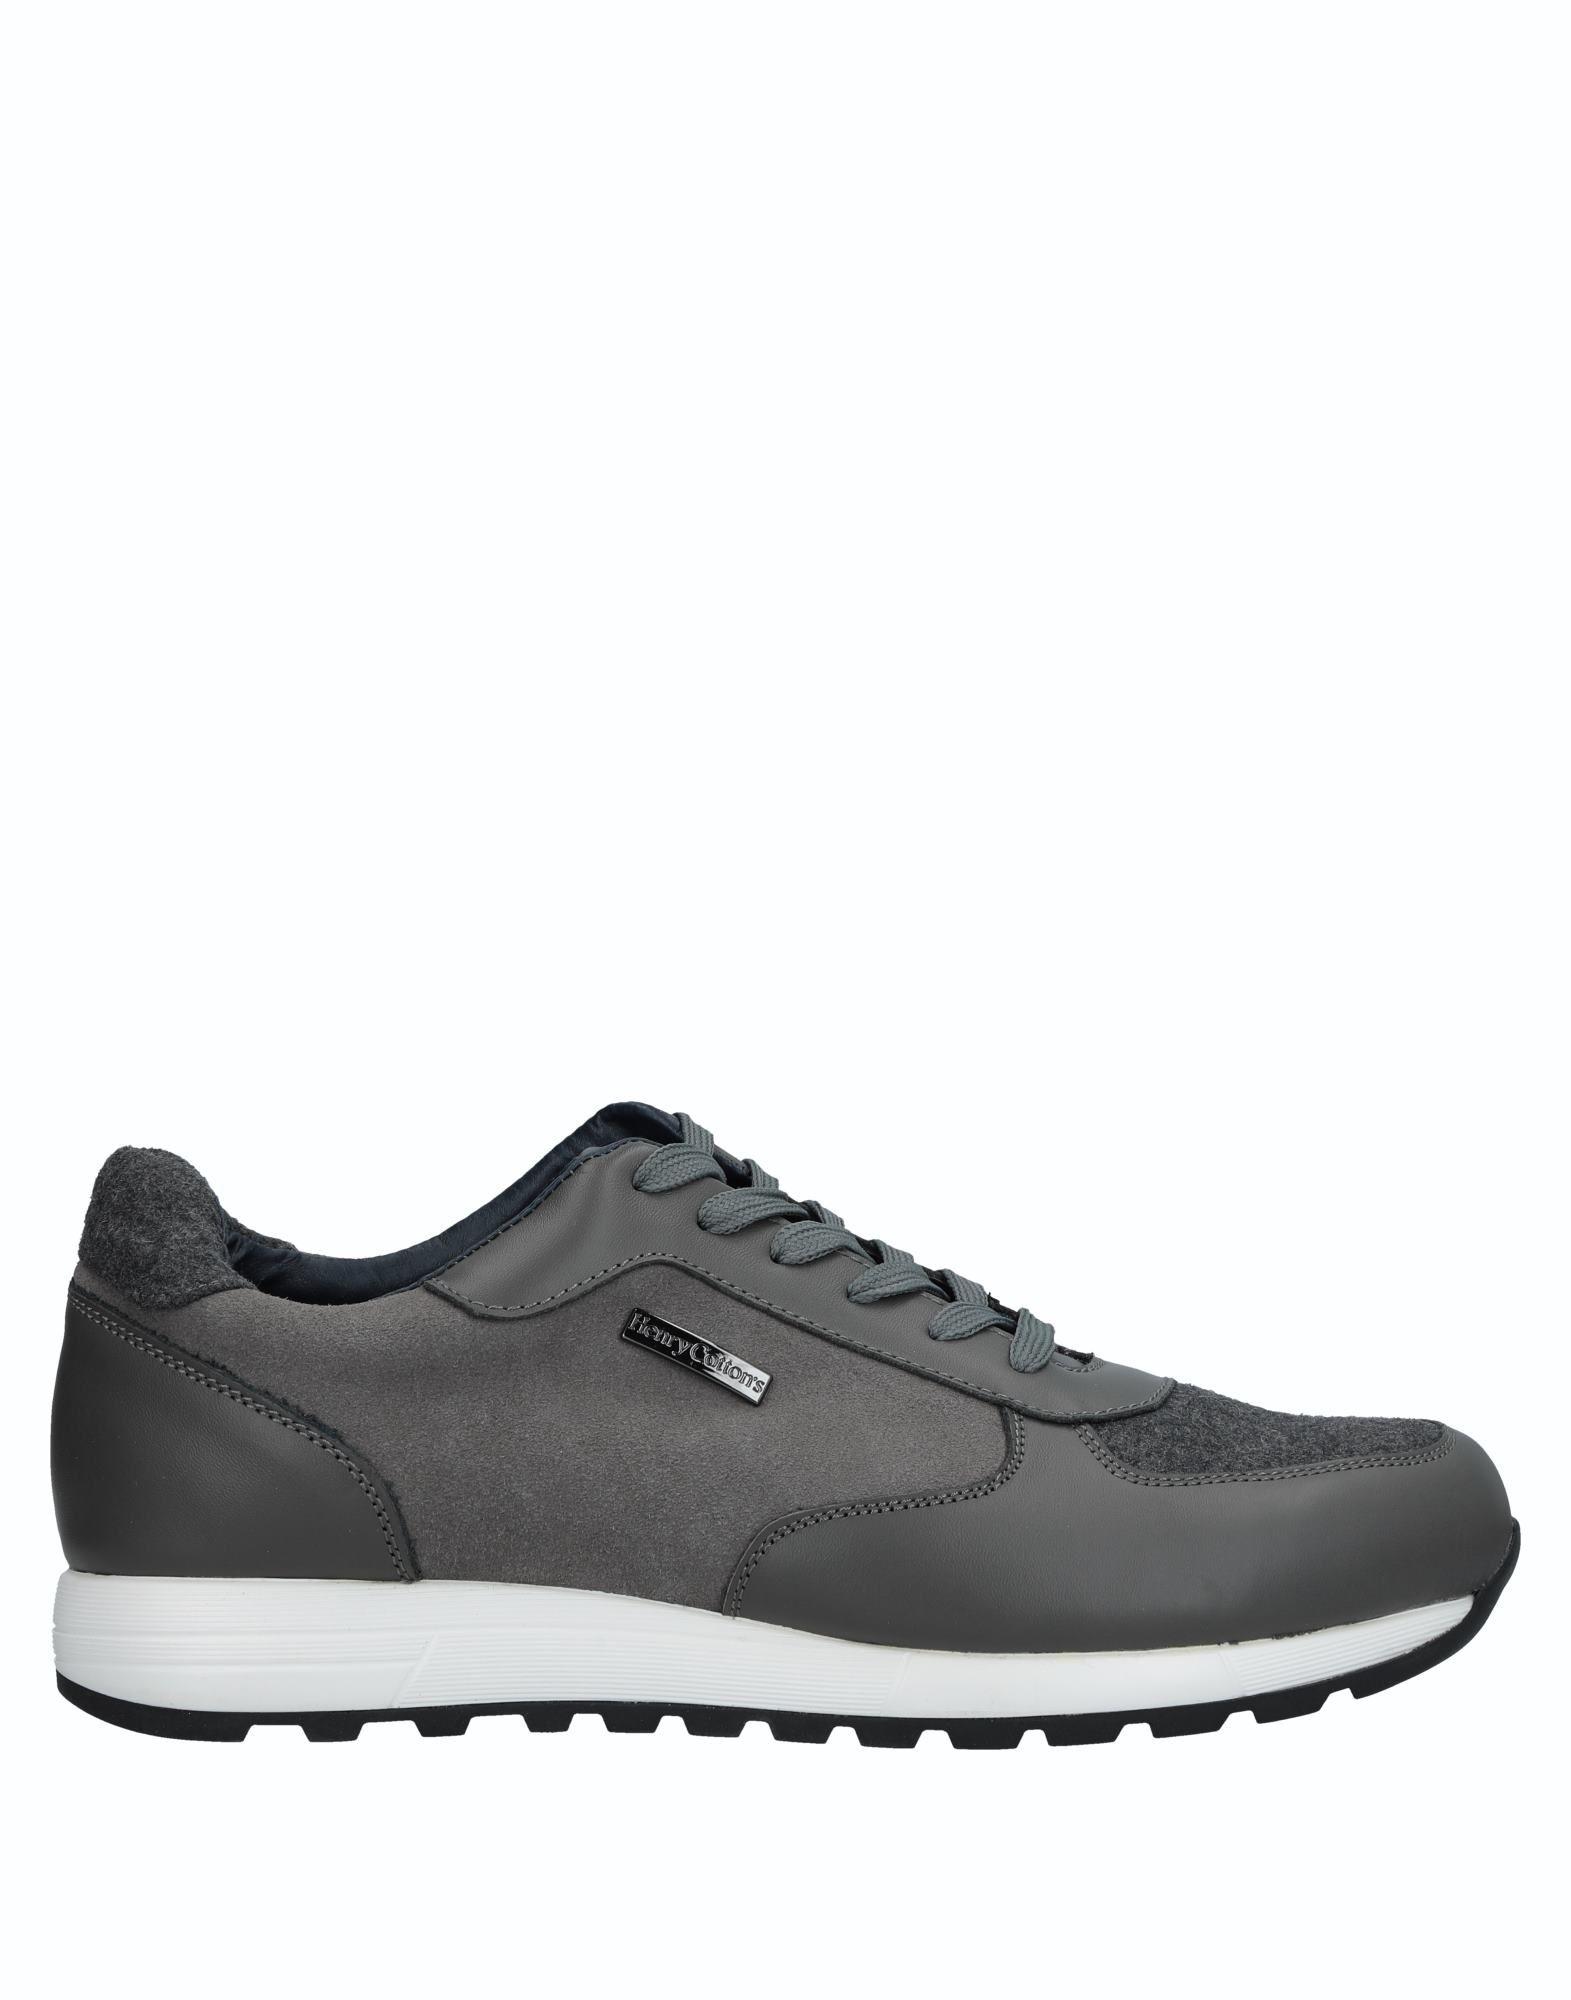 Rabatt echte Schuhe Henry Cotton's Sneakers Herren  11231599TN